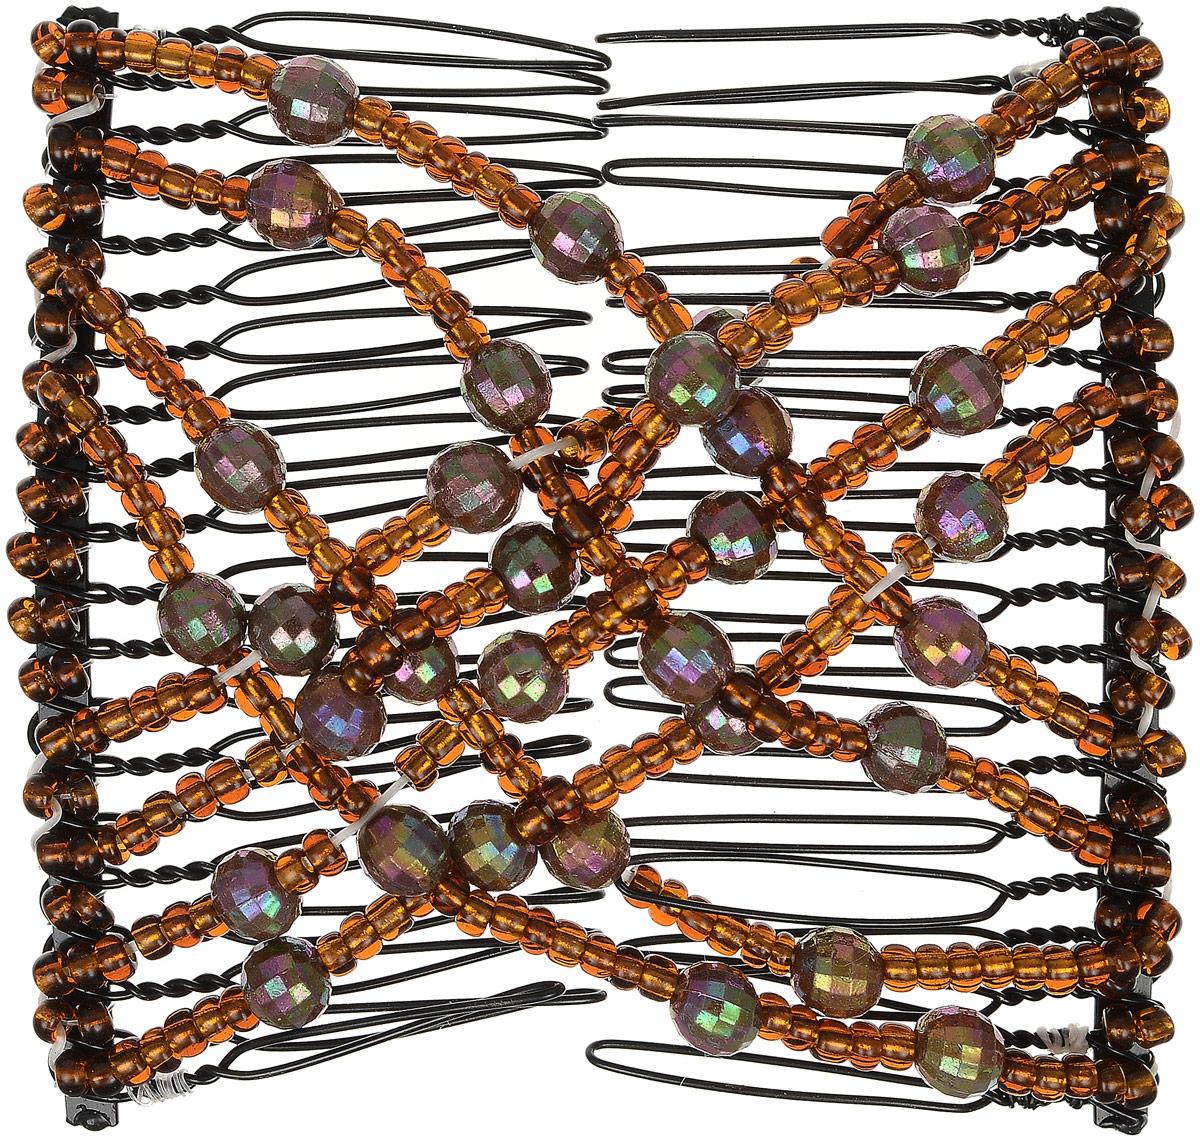 EZ-Combs Заколка Изи-Комбс, одинарная, цвет: коричневый. ЗИО_перламутр ЗИО_коричневый, перламутр